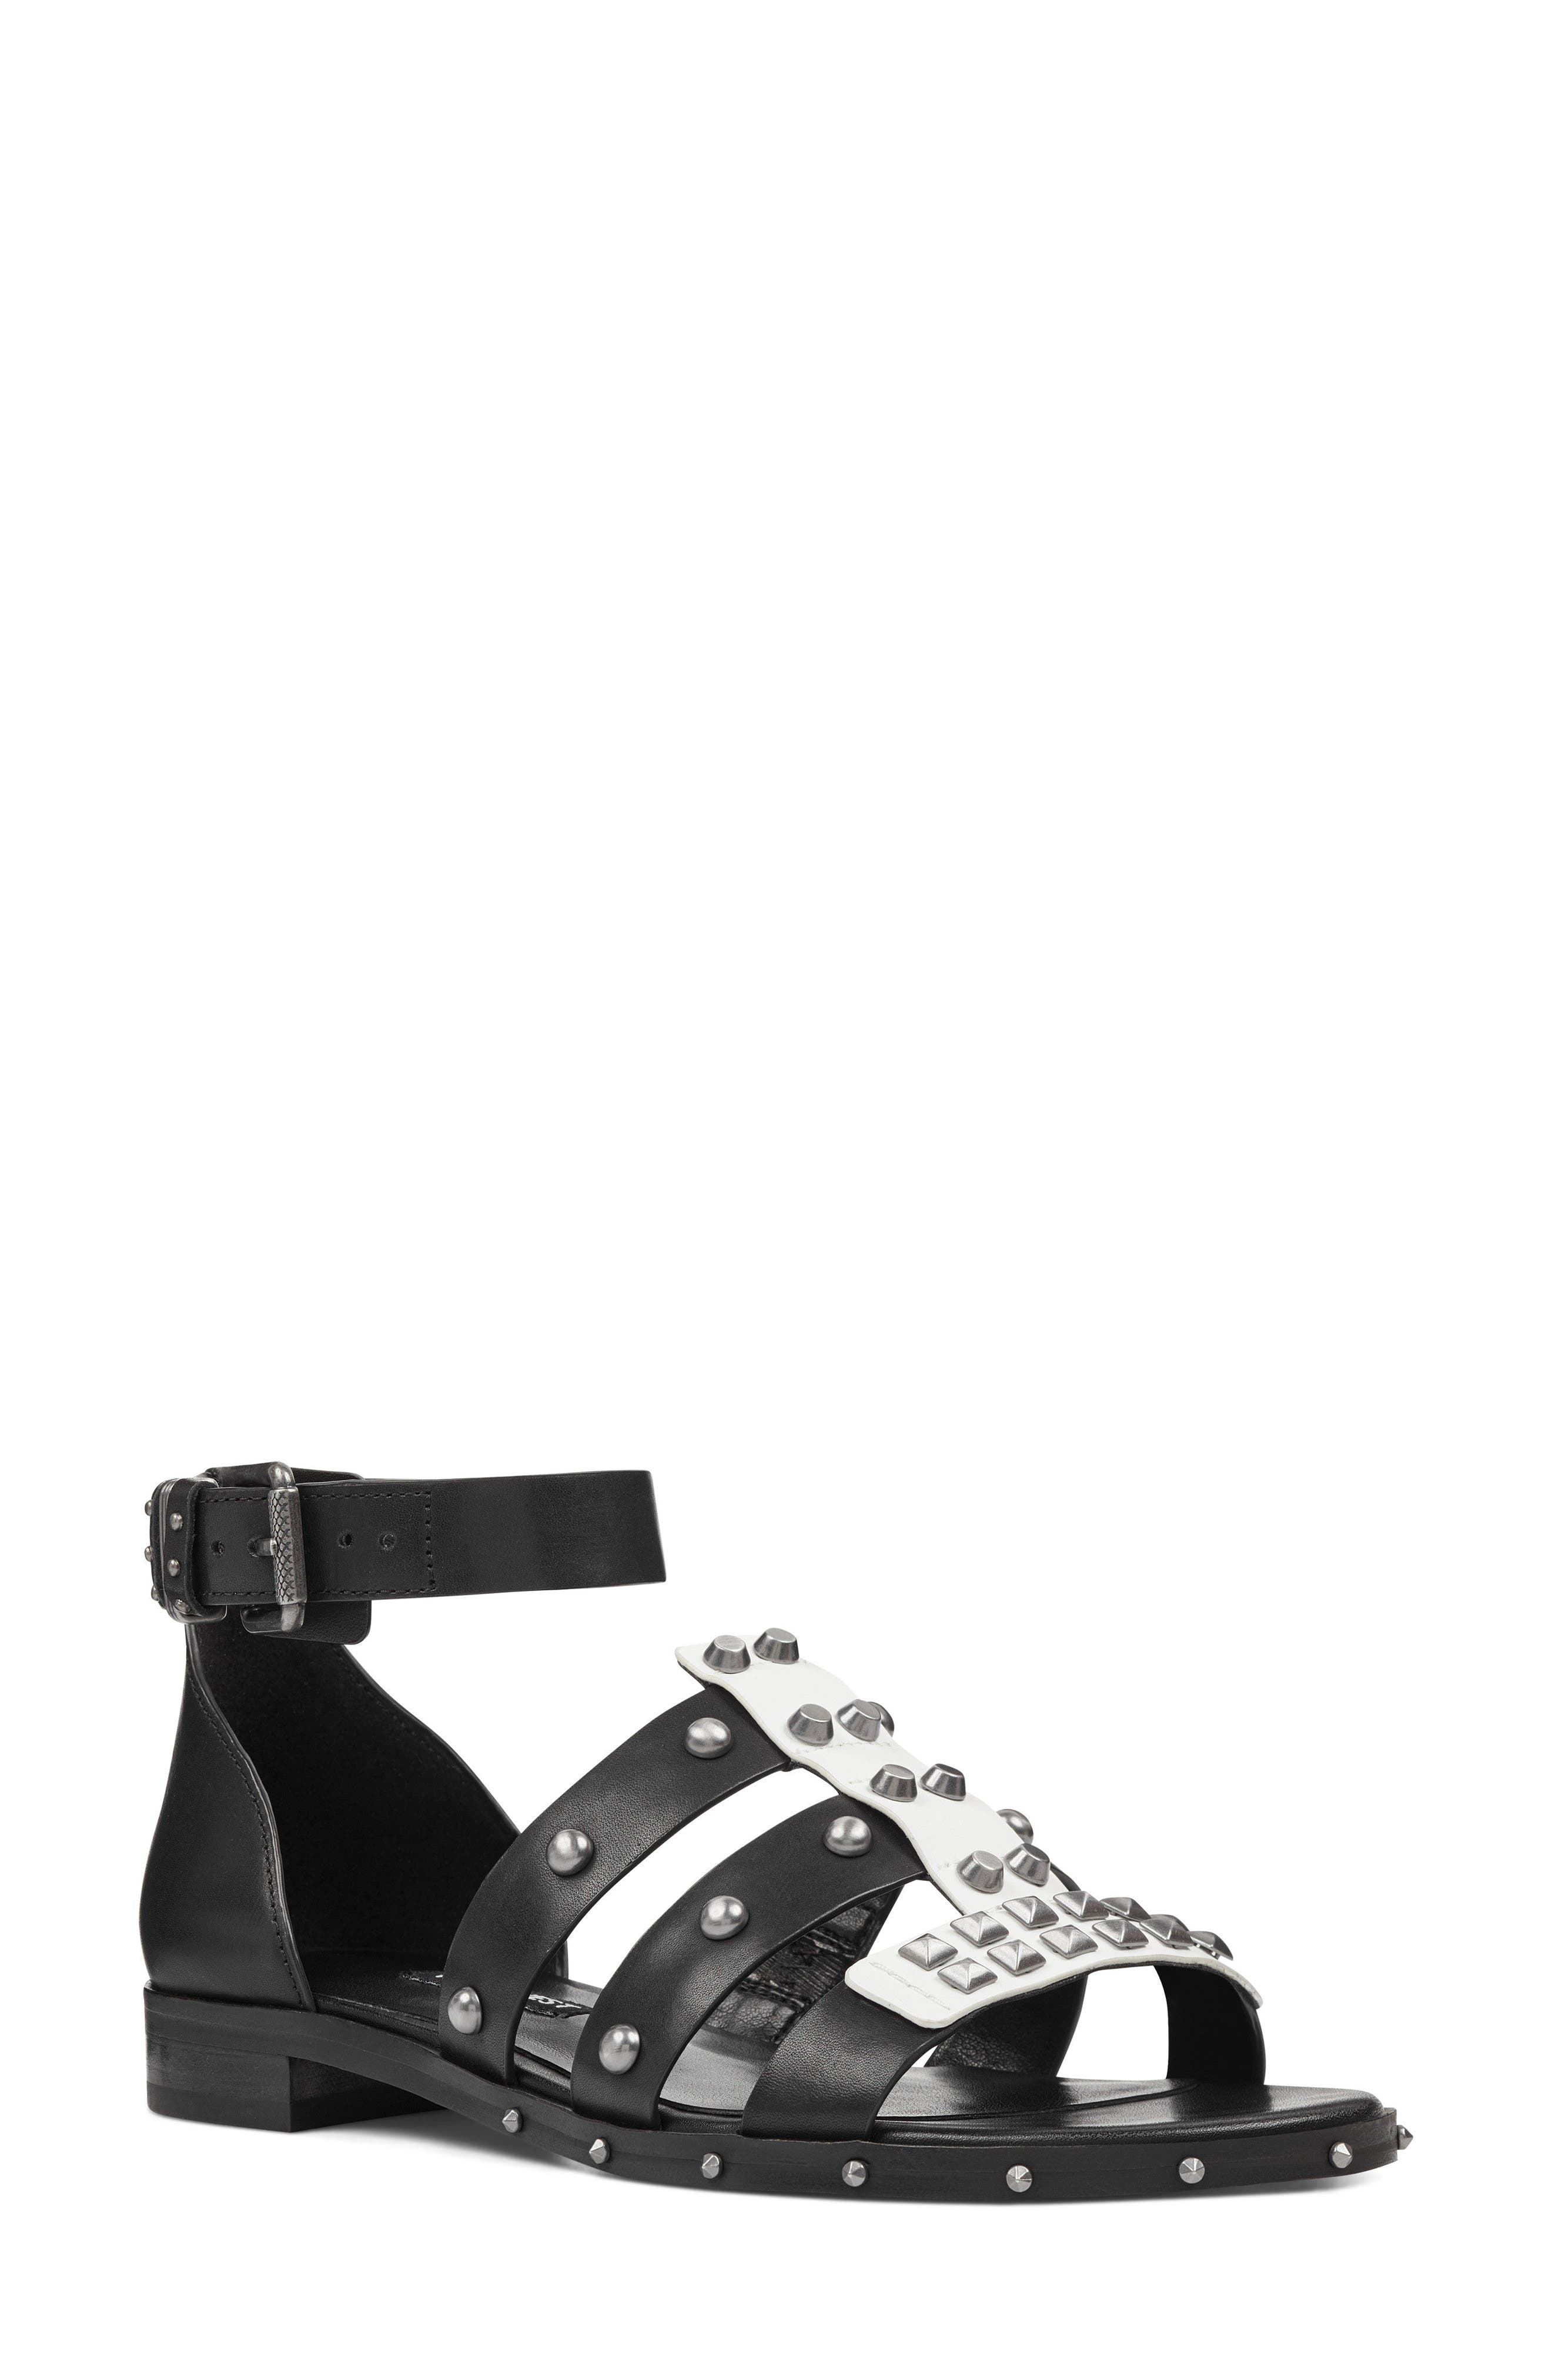 Corisande Sandal,                             Main thumbnail 1, color,                             White/ Black Leather